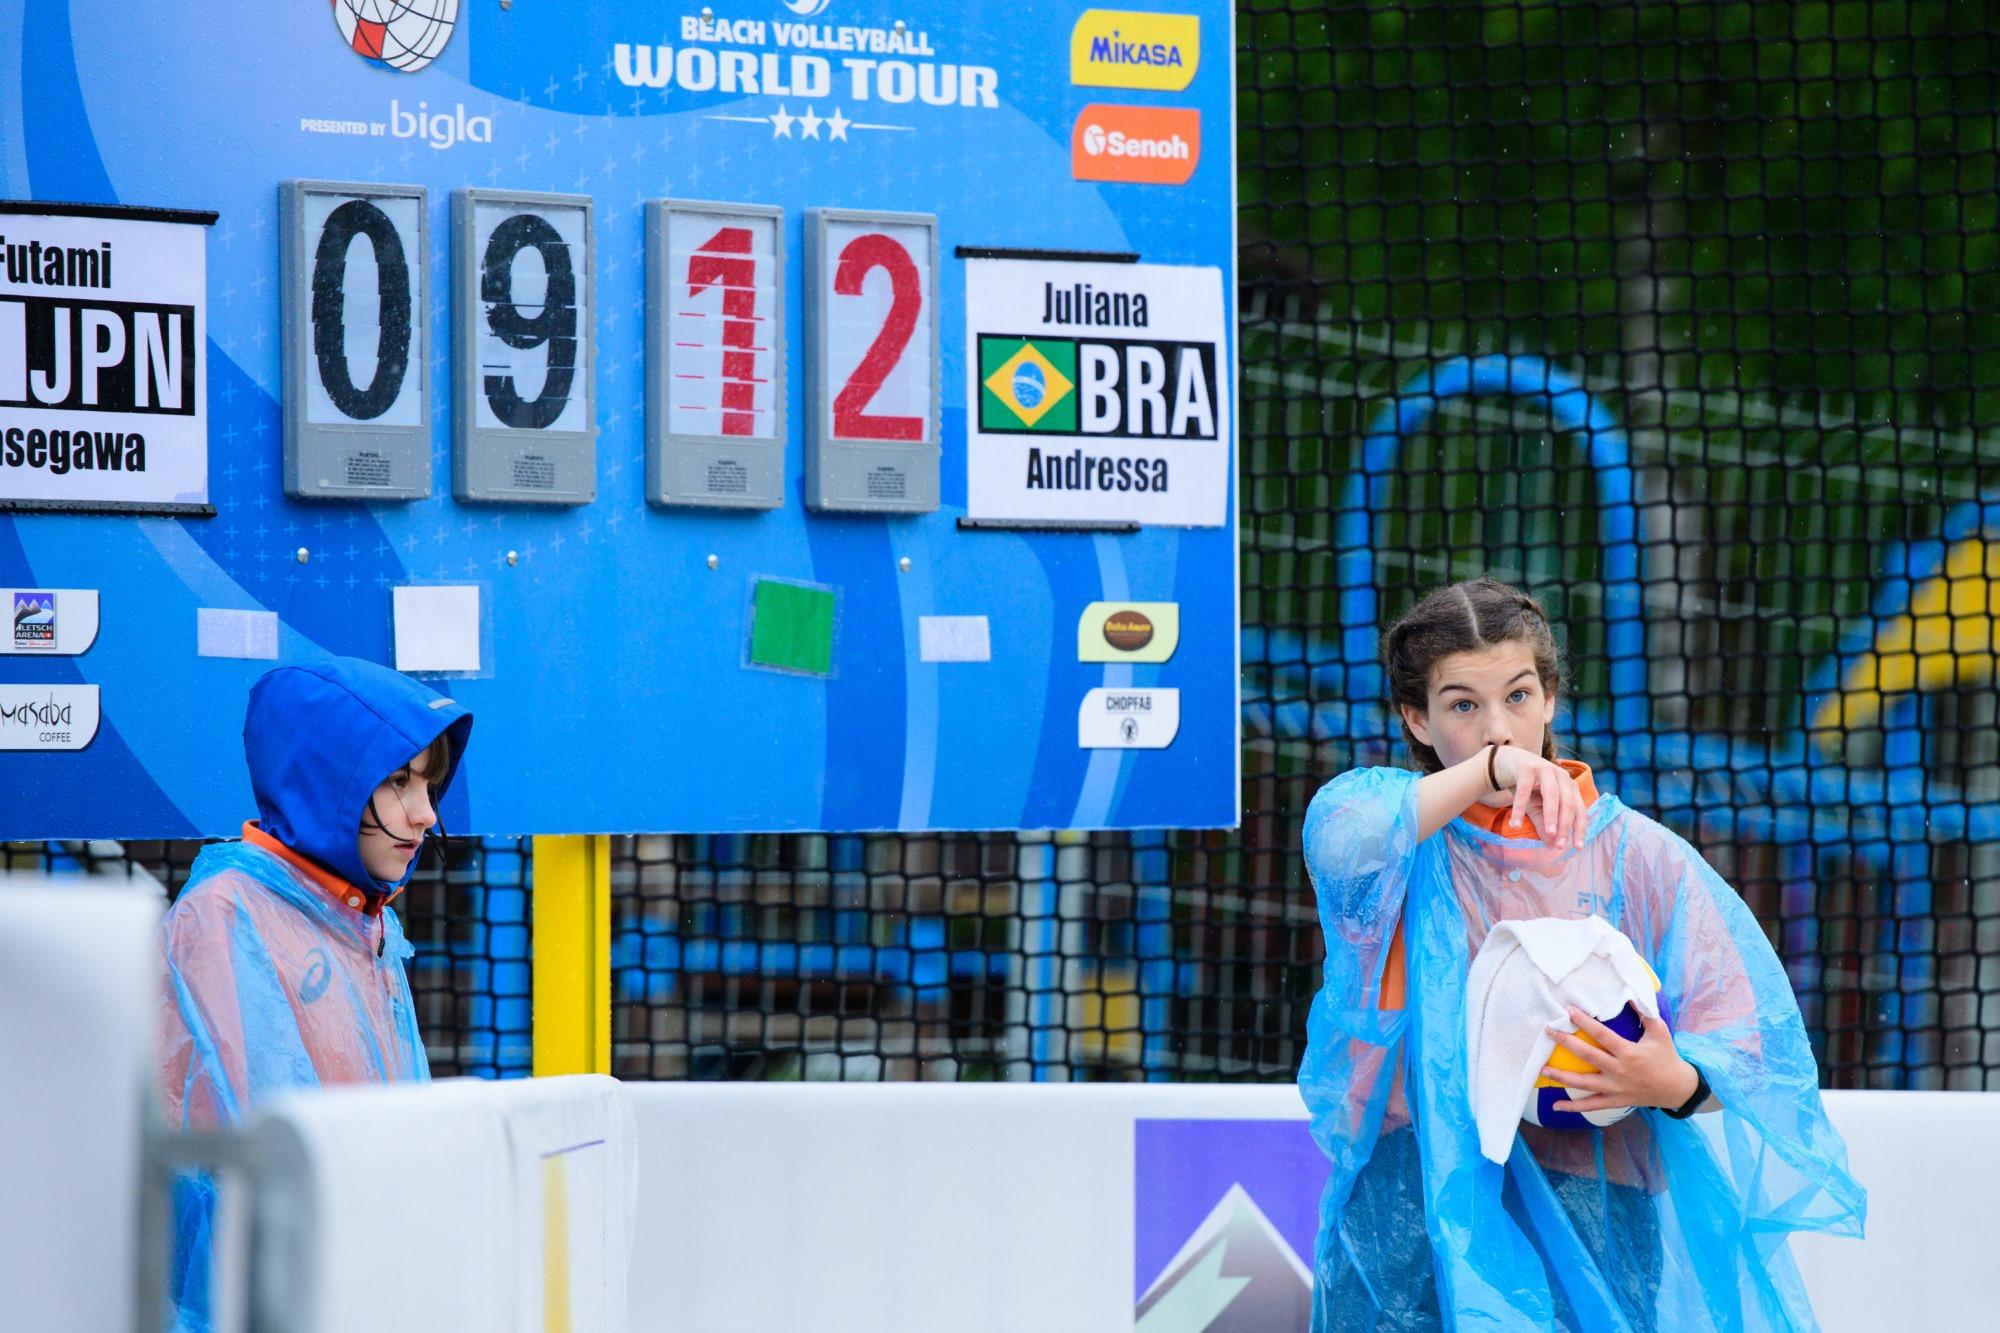 Brasil começa invicto, com três vitórias, em etapa disputada na Suíça